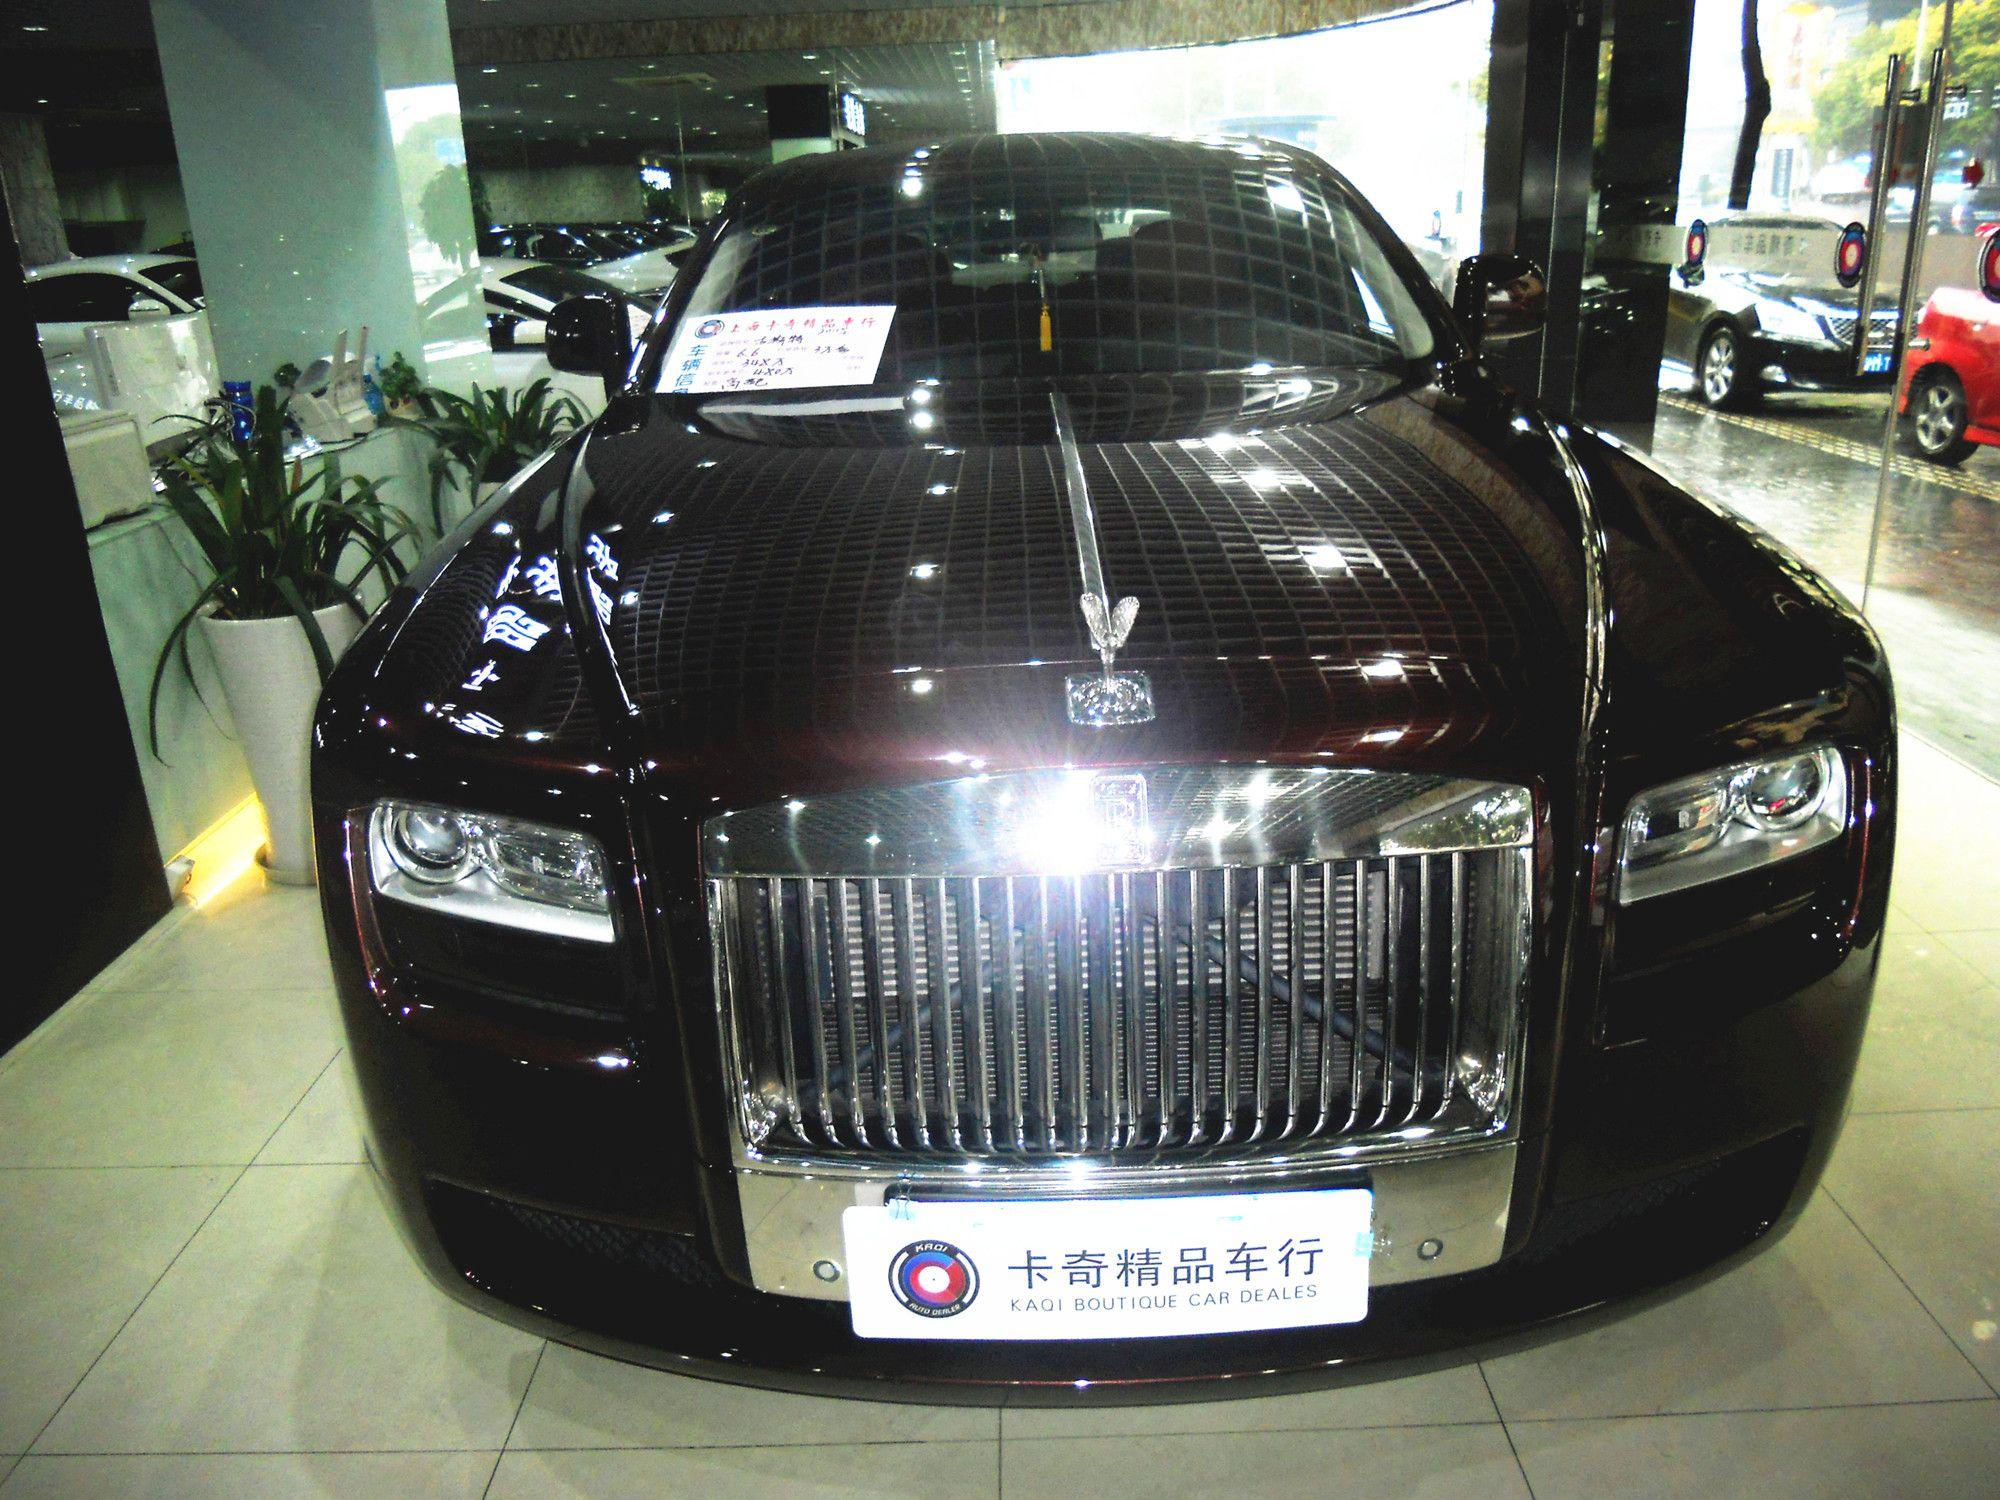 车源图片 2011年1月 劳斯莱斯 古思特 6.6t 高清图片